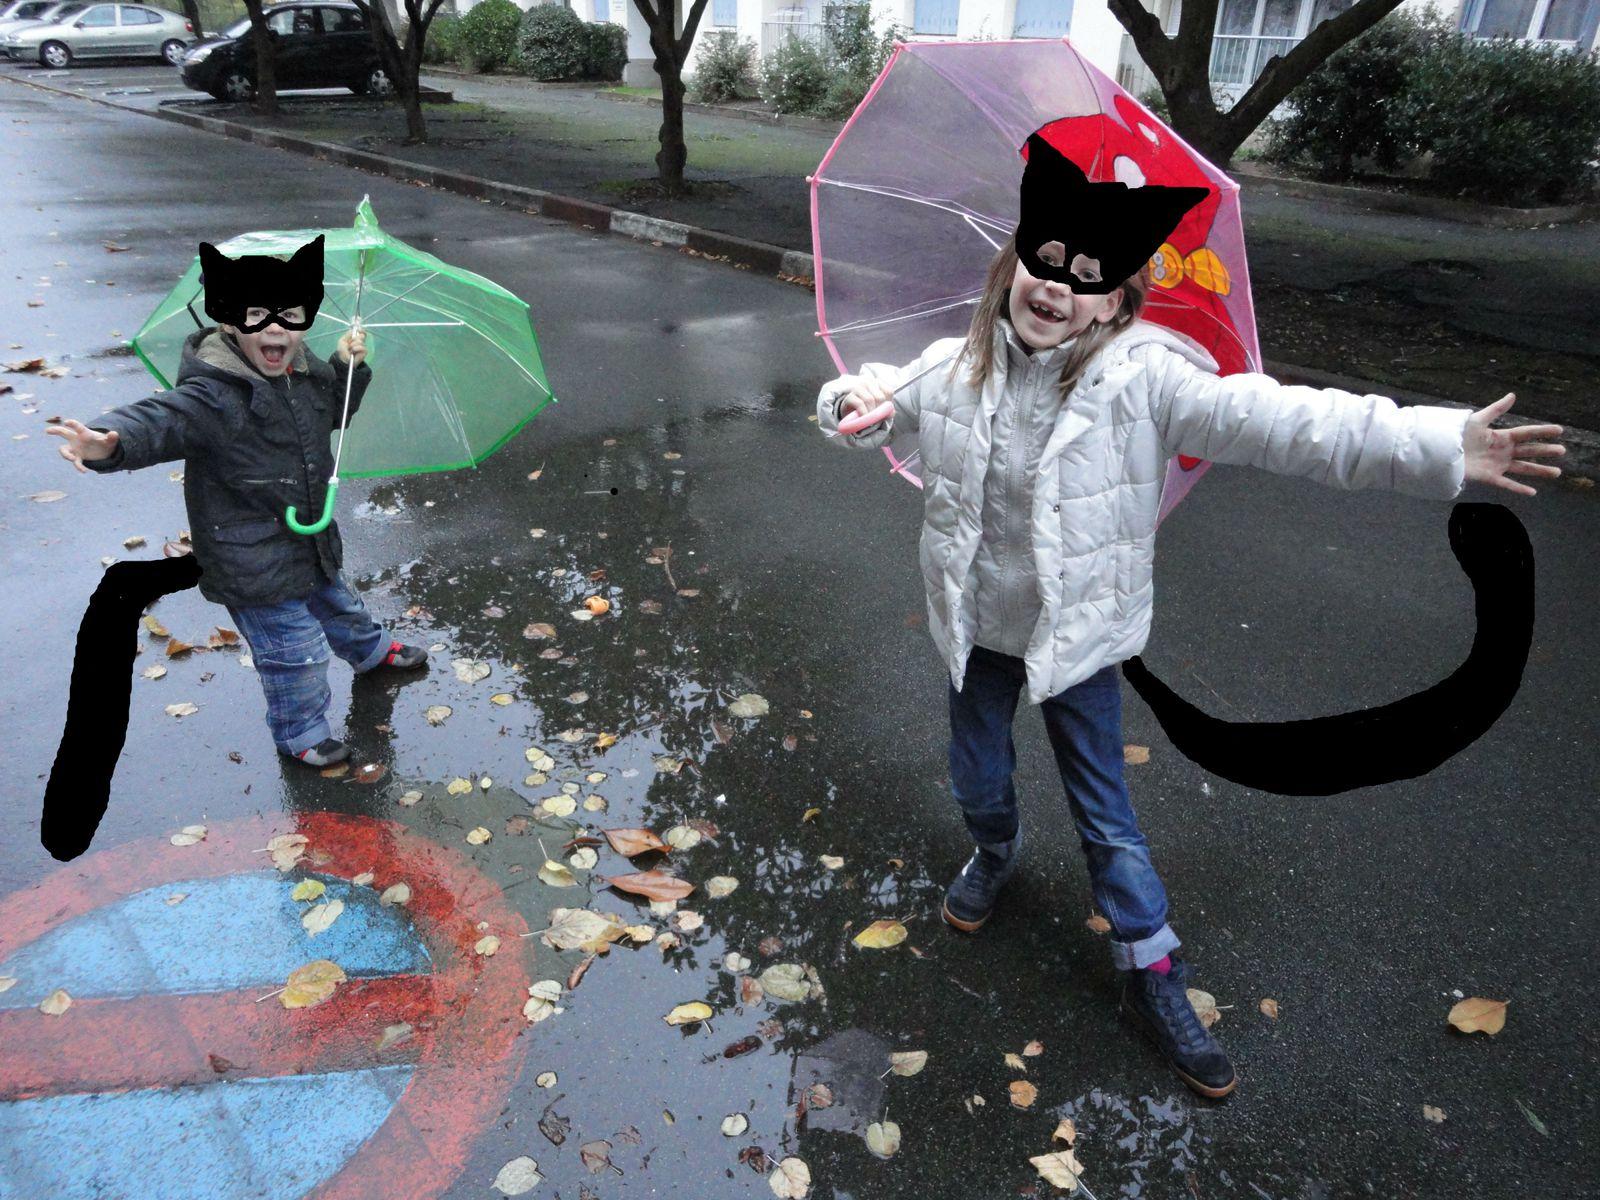 Mruczka i Mruczozaur wykonują taniec deszczu